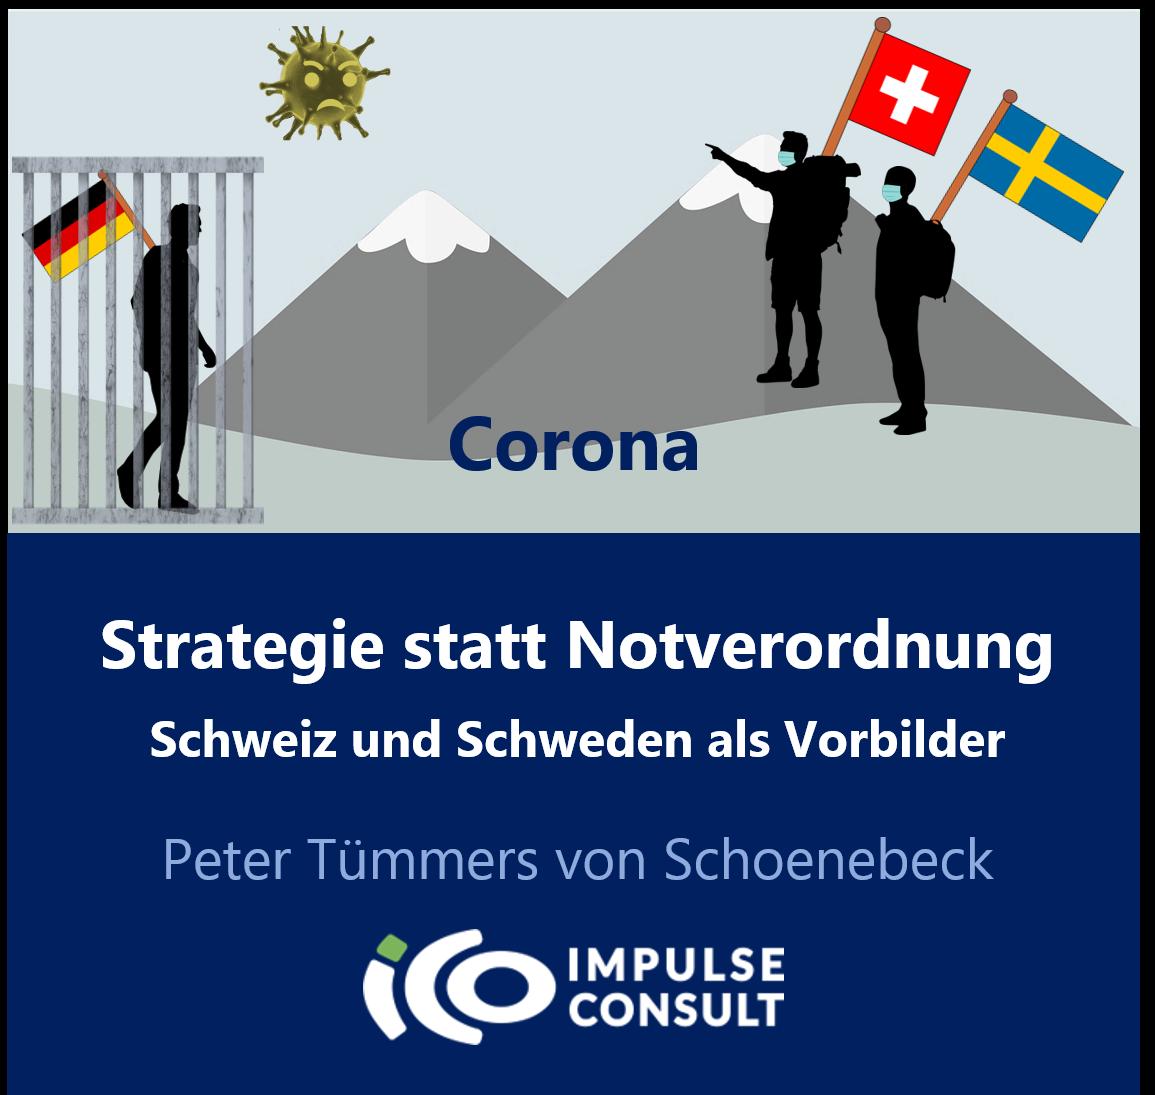 Strategie statt Notverordnung - Schweiz und Schweden als Vorbilder